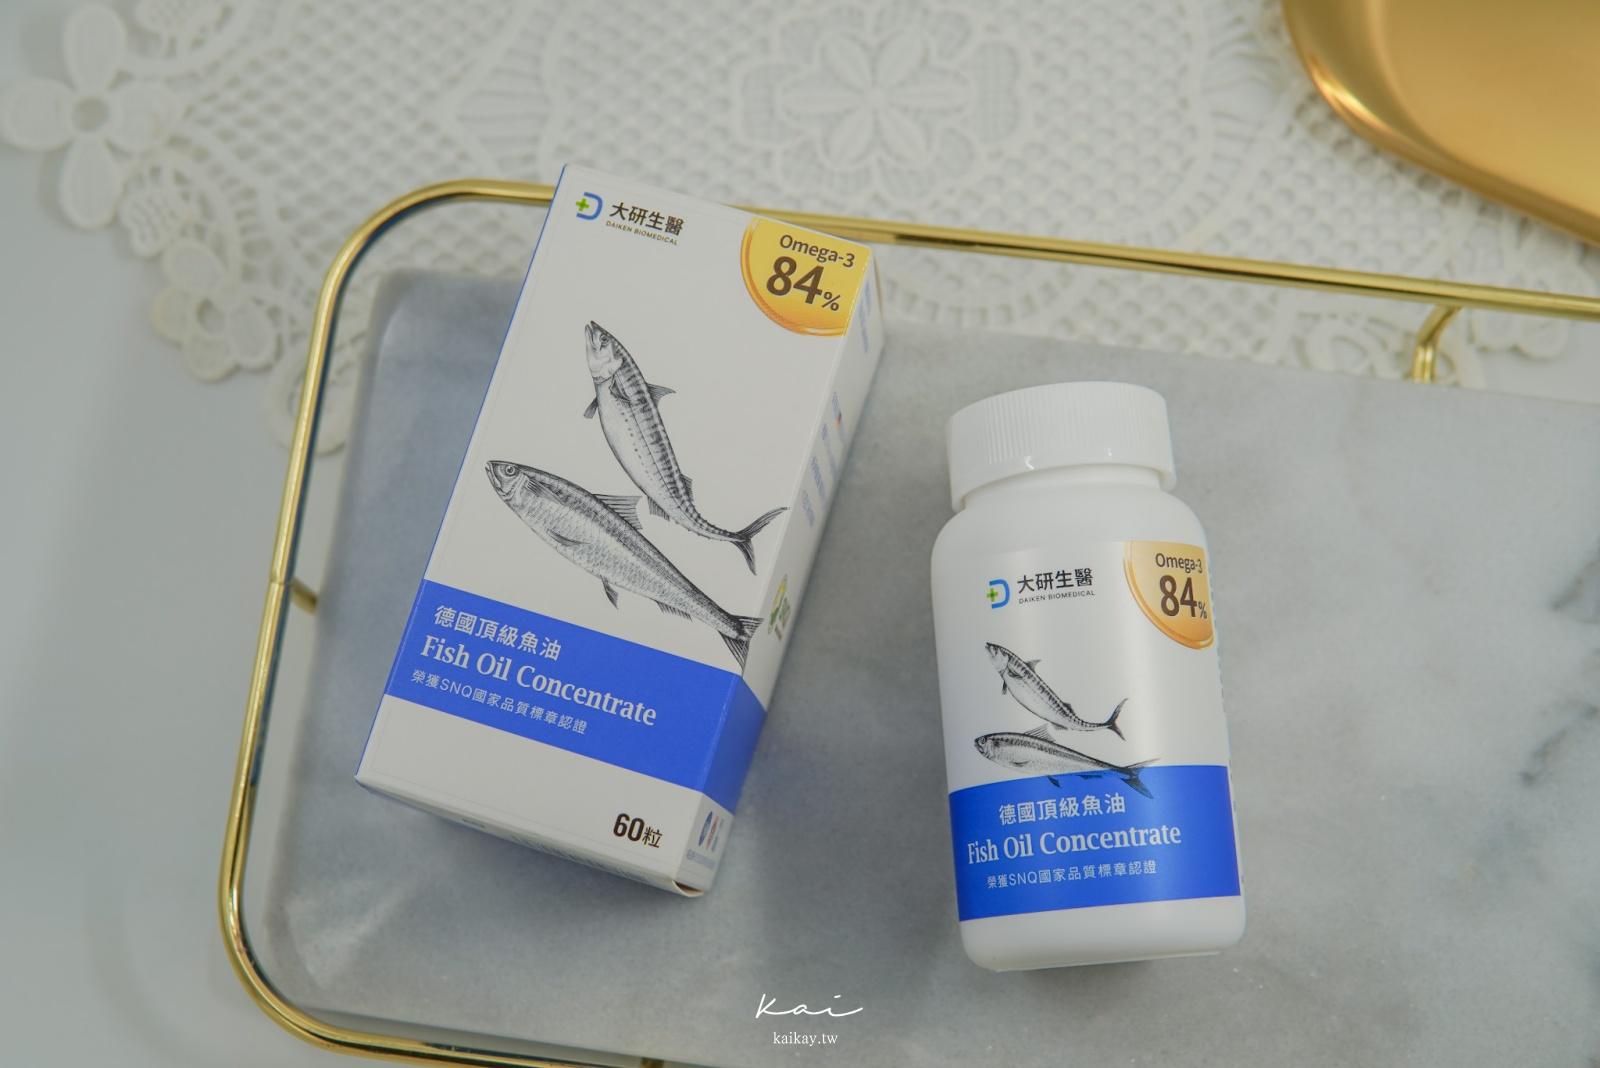 ☆【保養】你選對魚油了嗎?Omega3 84%以上的高純度!大研生醫德國頂級魚油。